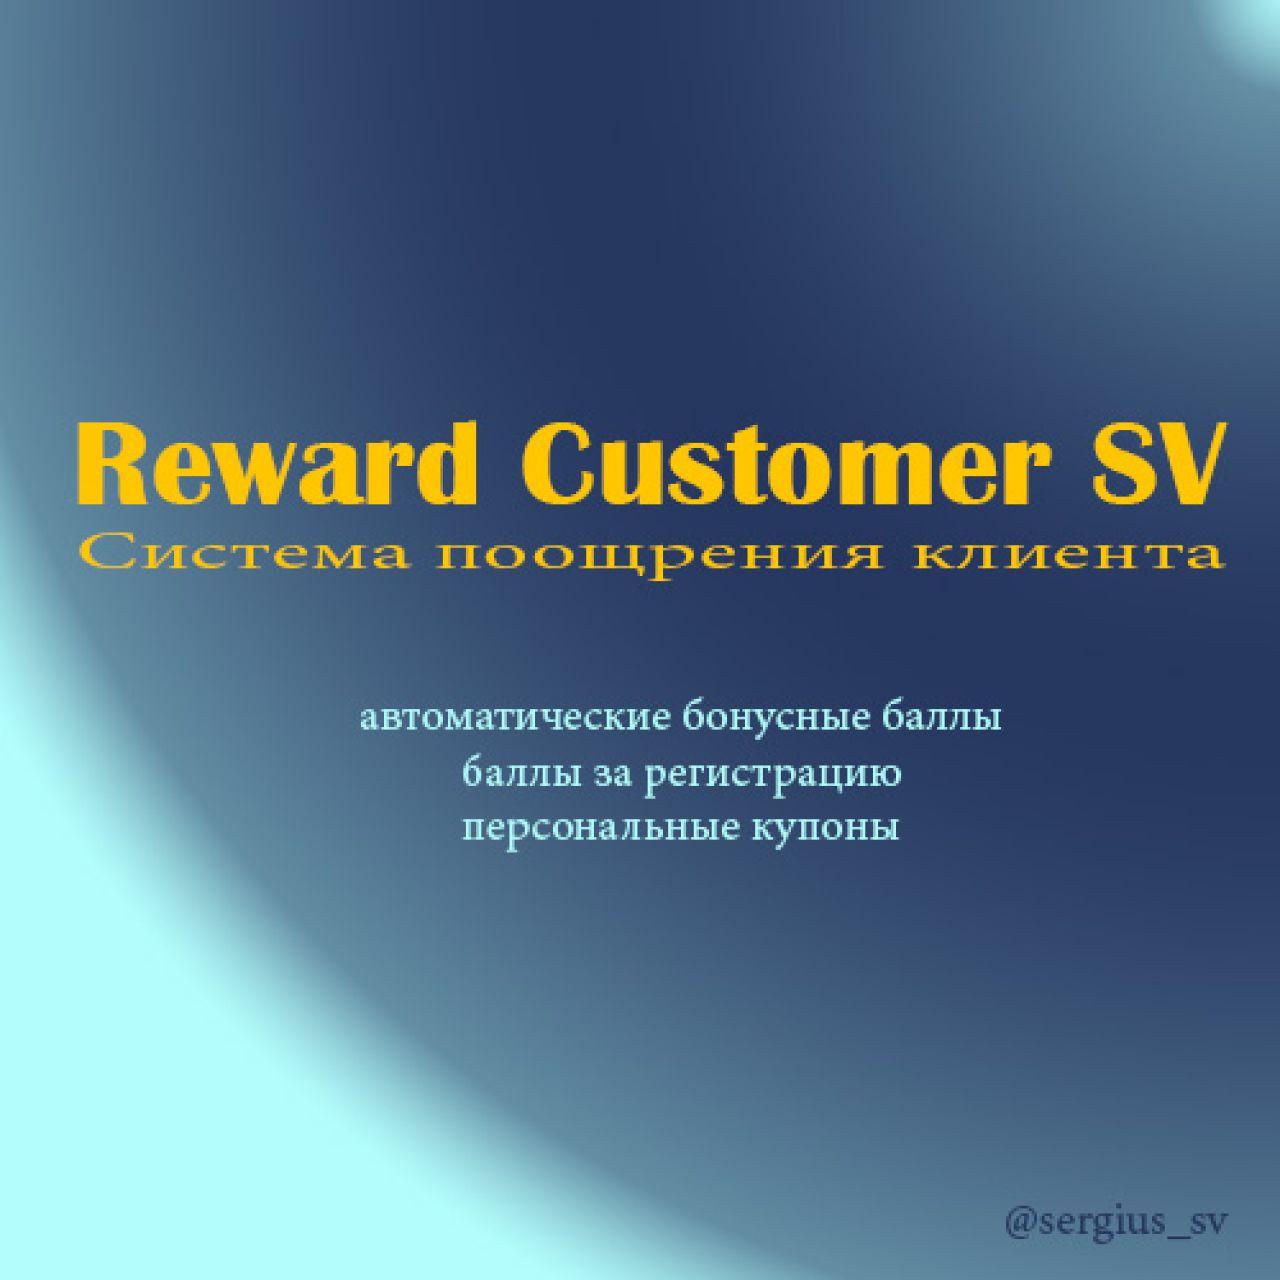 Система поощрения/лояльности клиента (1.5x-2.x) v2.2.0.1 из категории Бонусы, купоны, программы лояльности для CMS OpenCart (ОпенКарт)